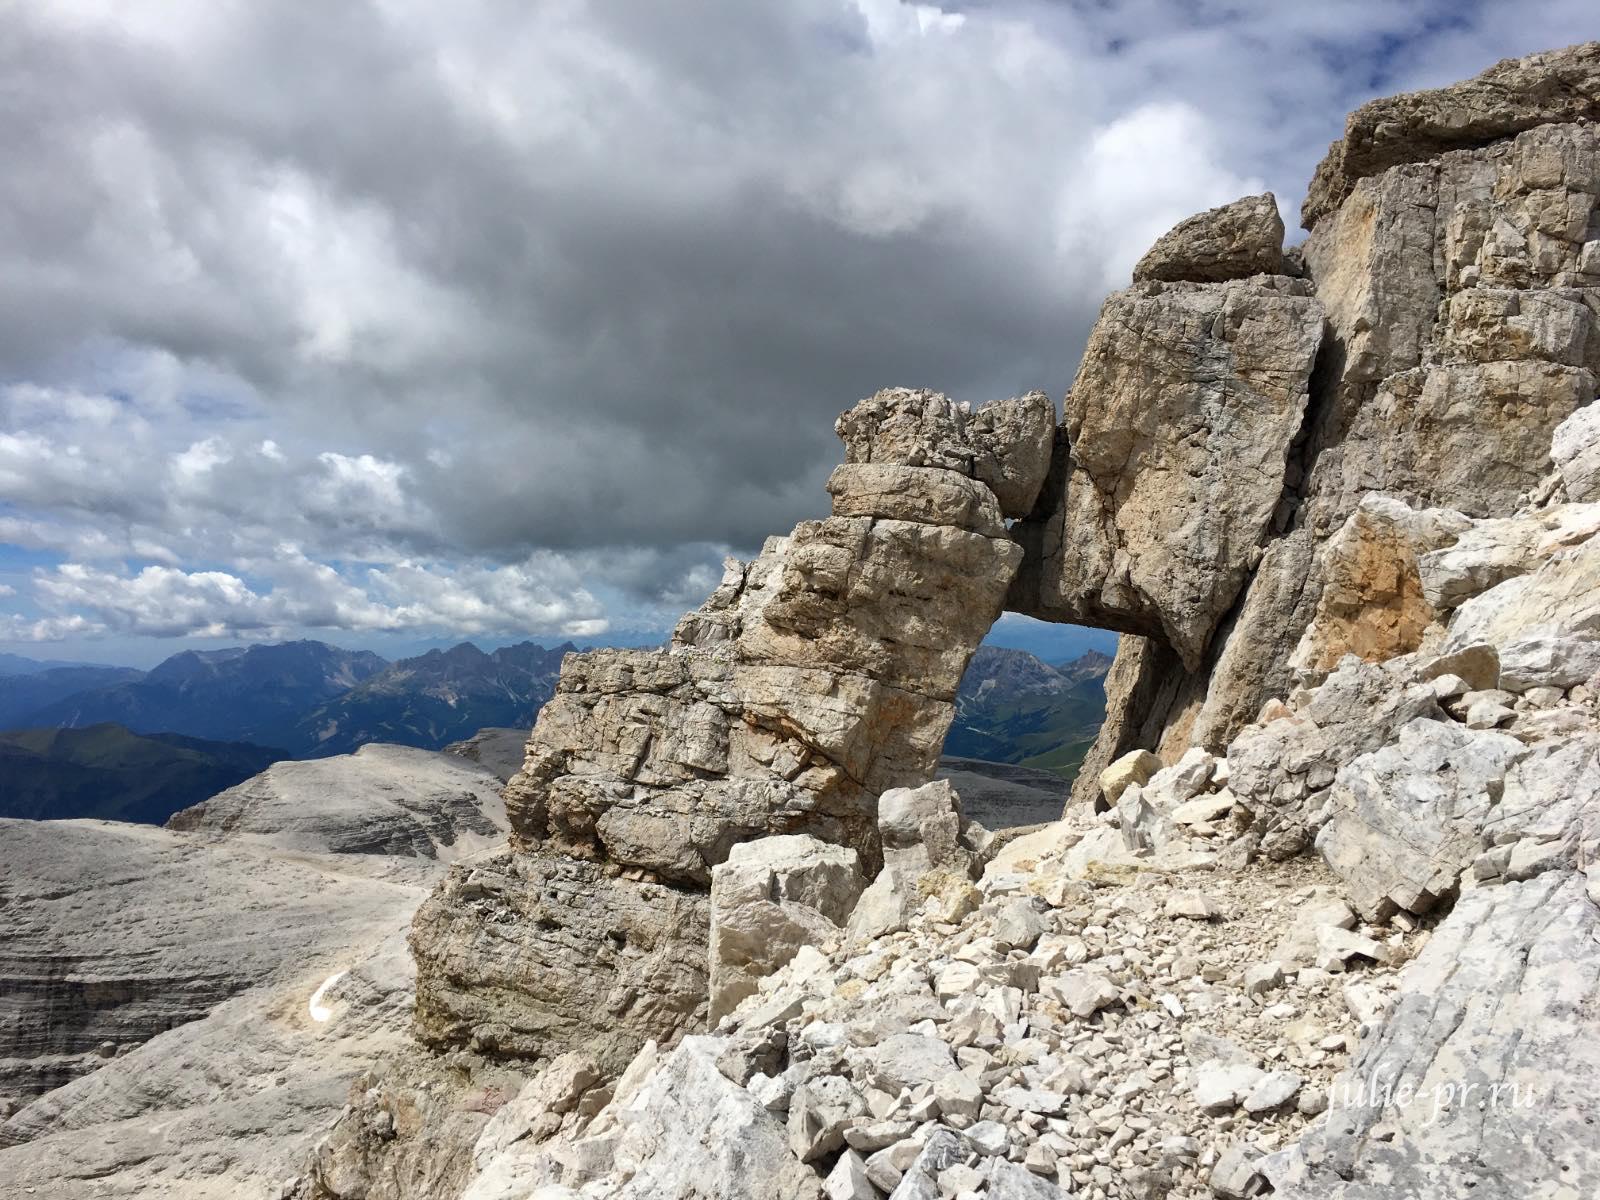 Италия, Альпы, Доломиты, Туристы, Sella